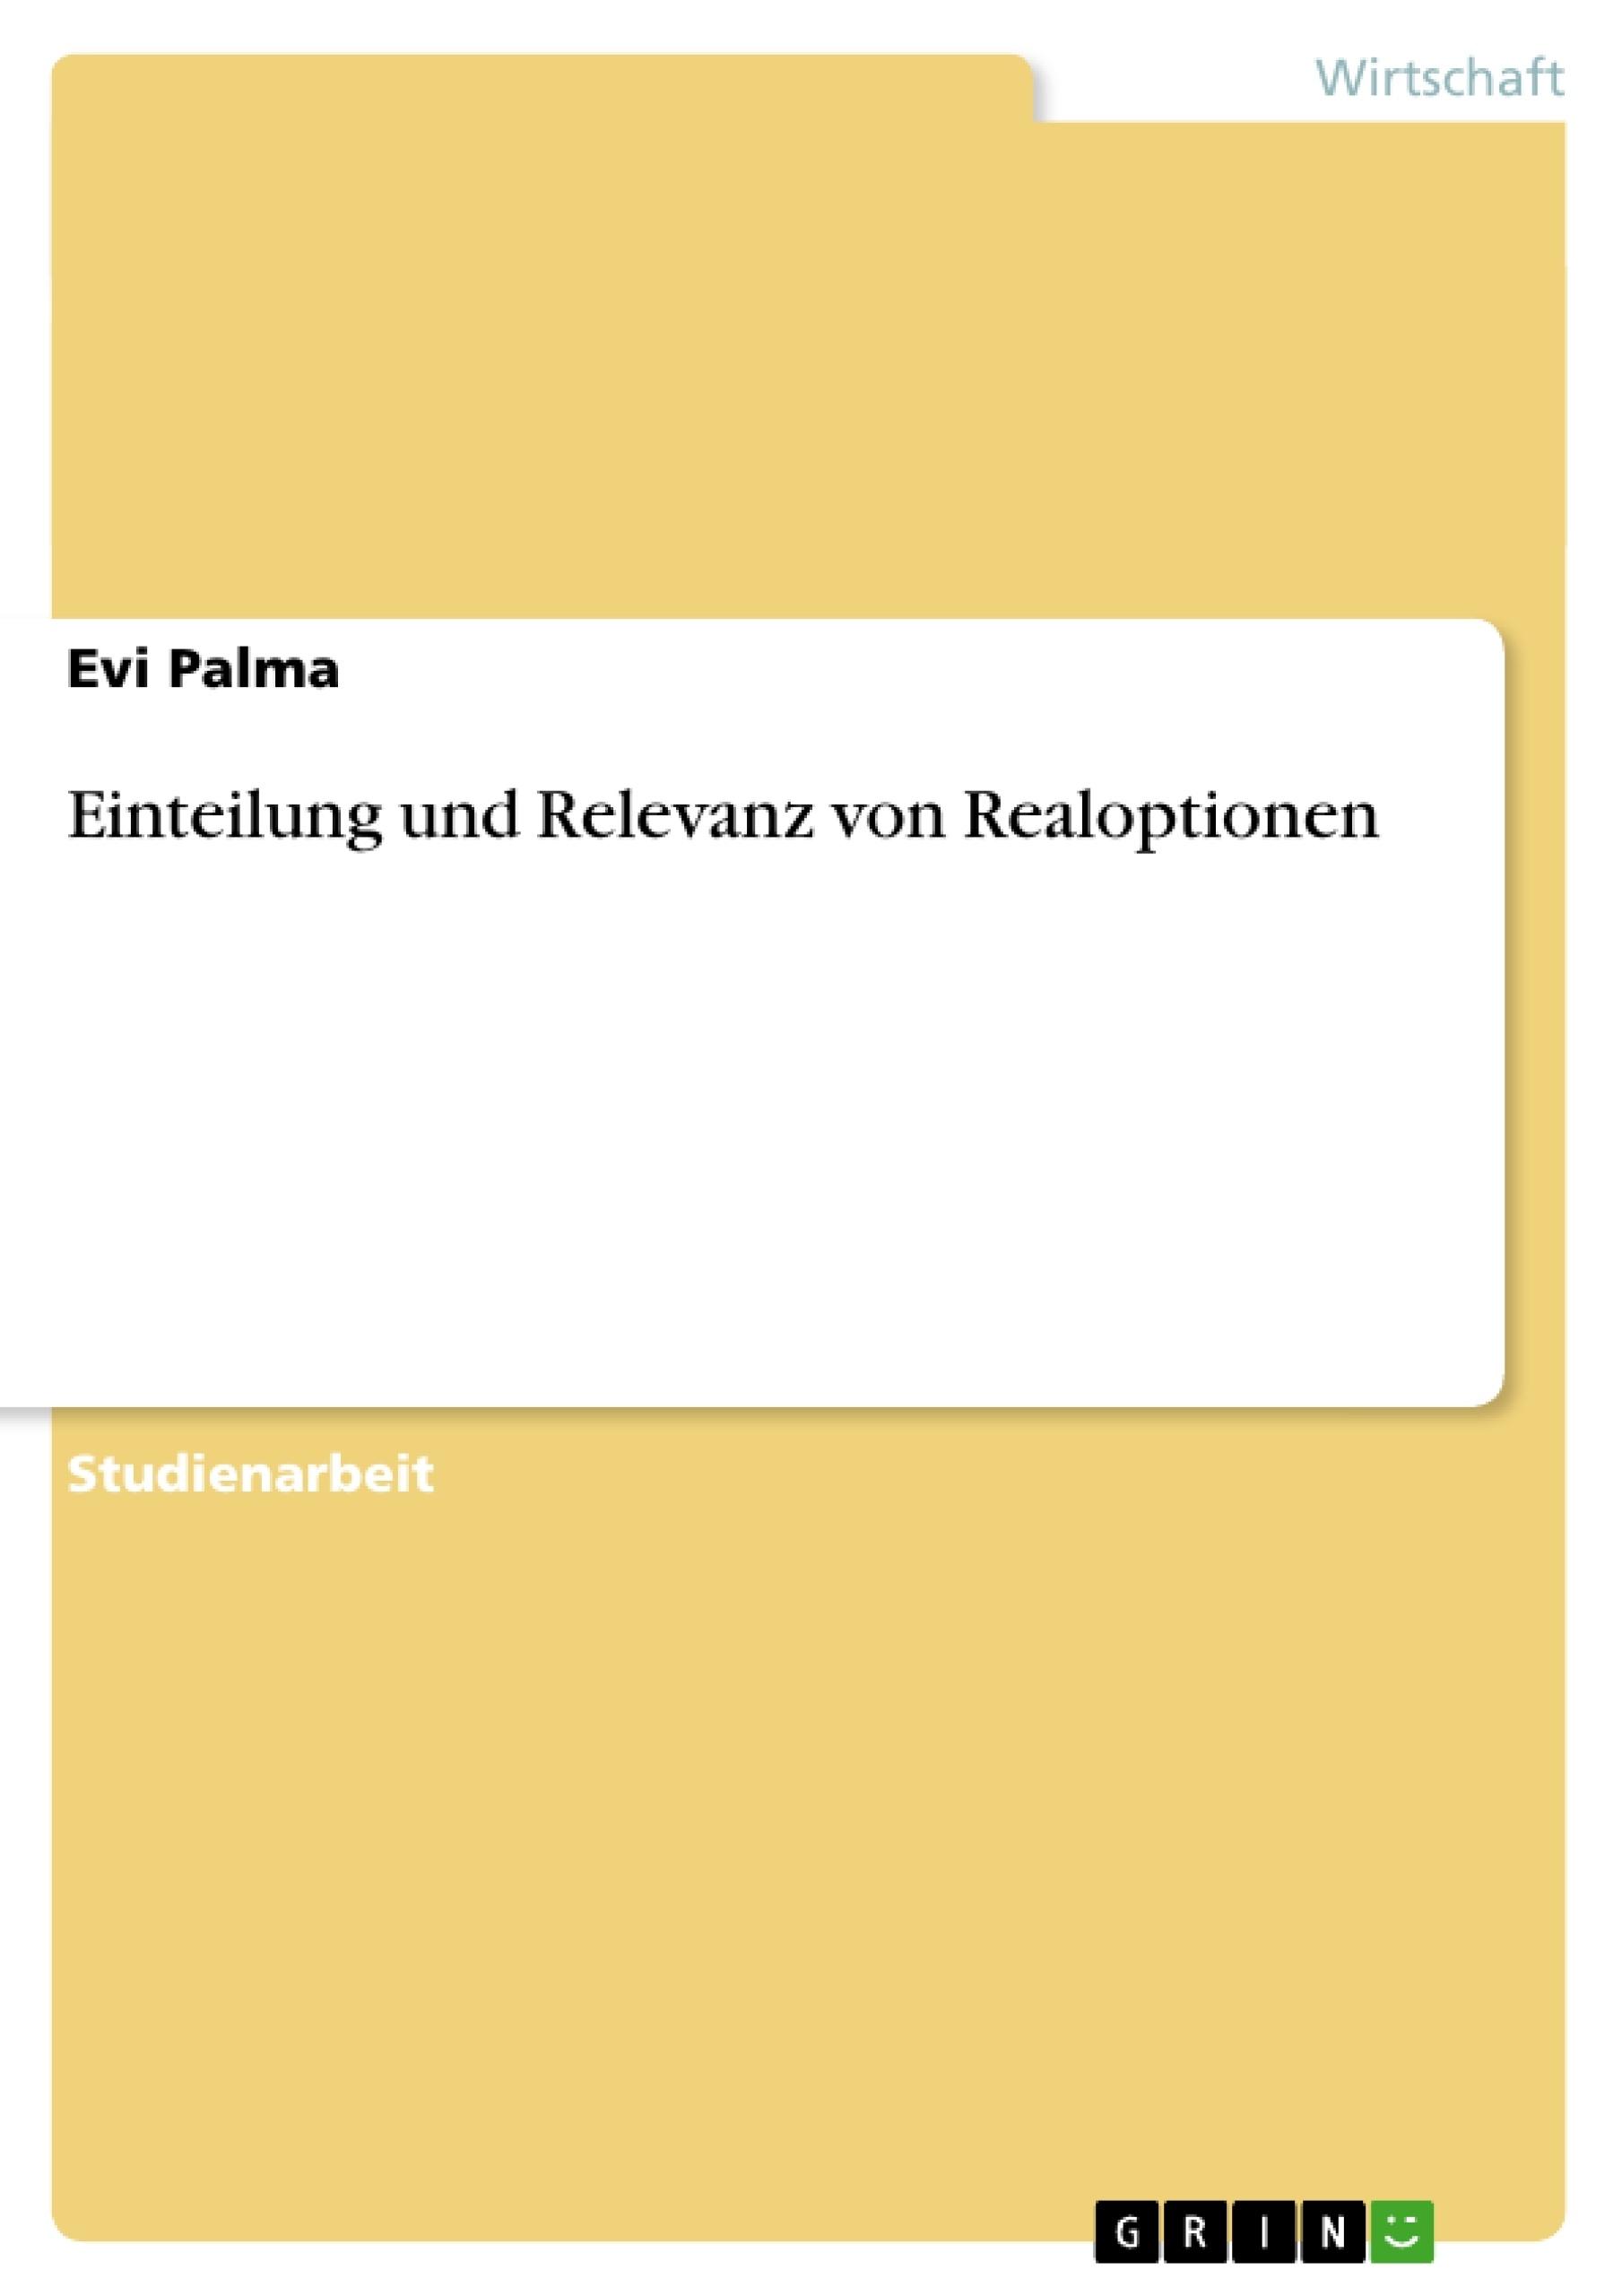 Titel: Einteilung und Relevanz von Realoptionen